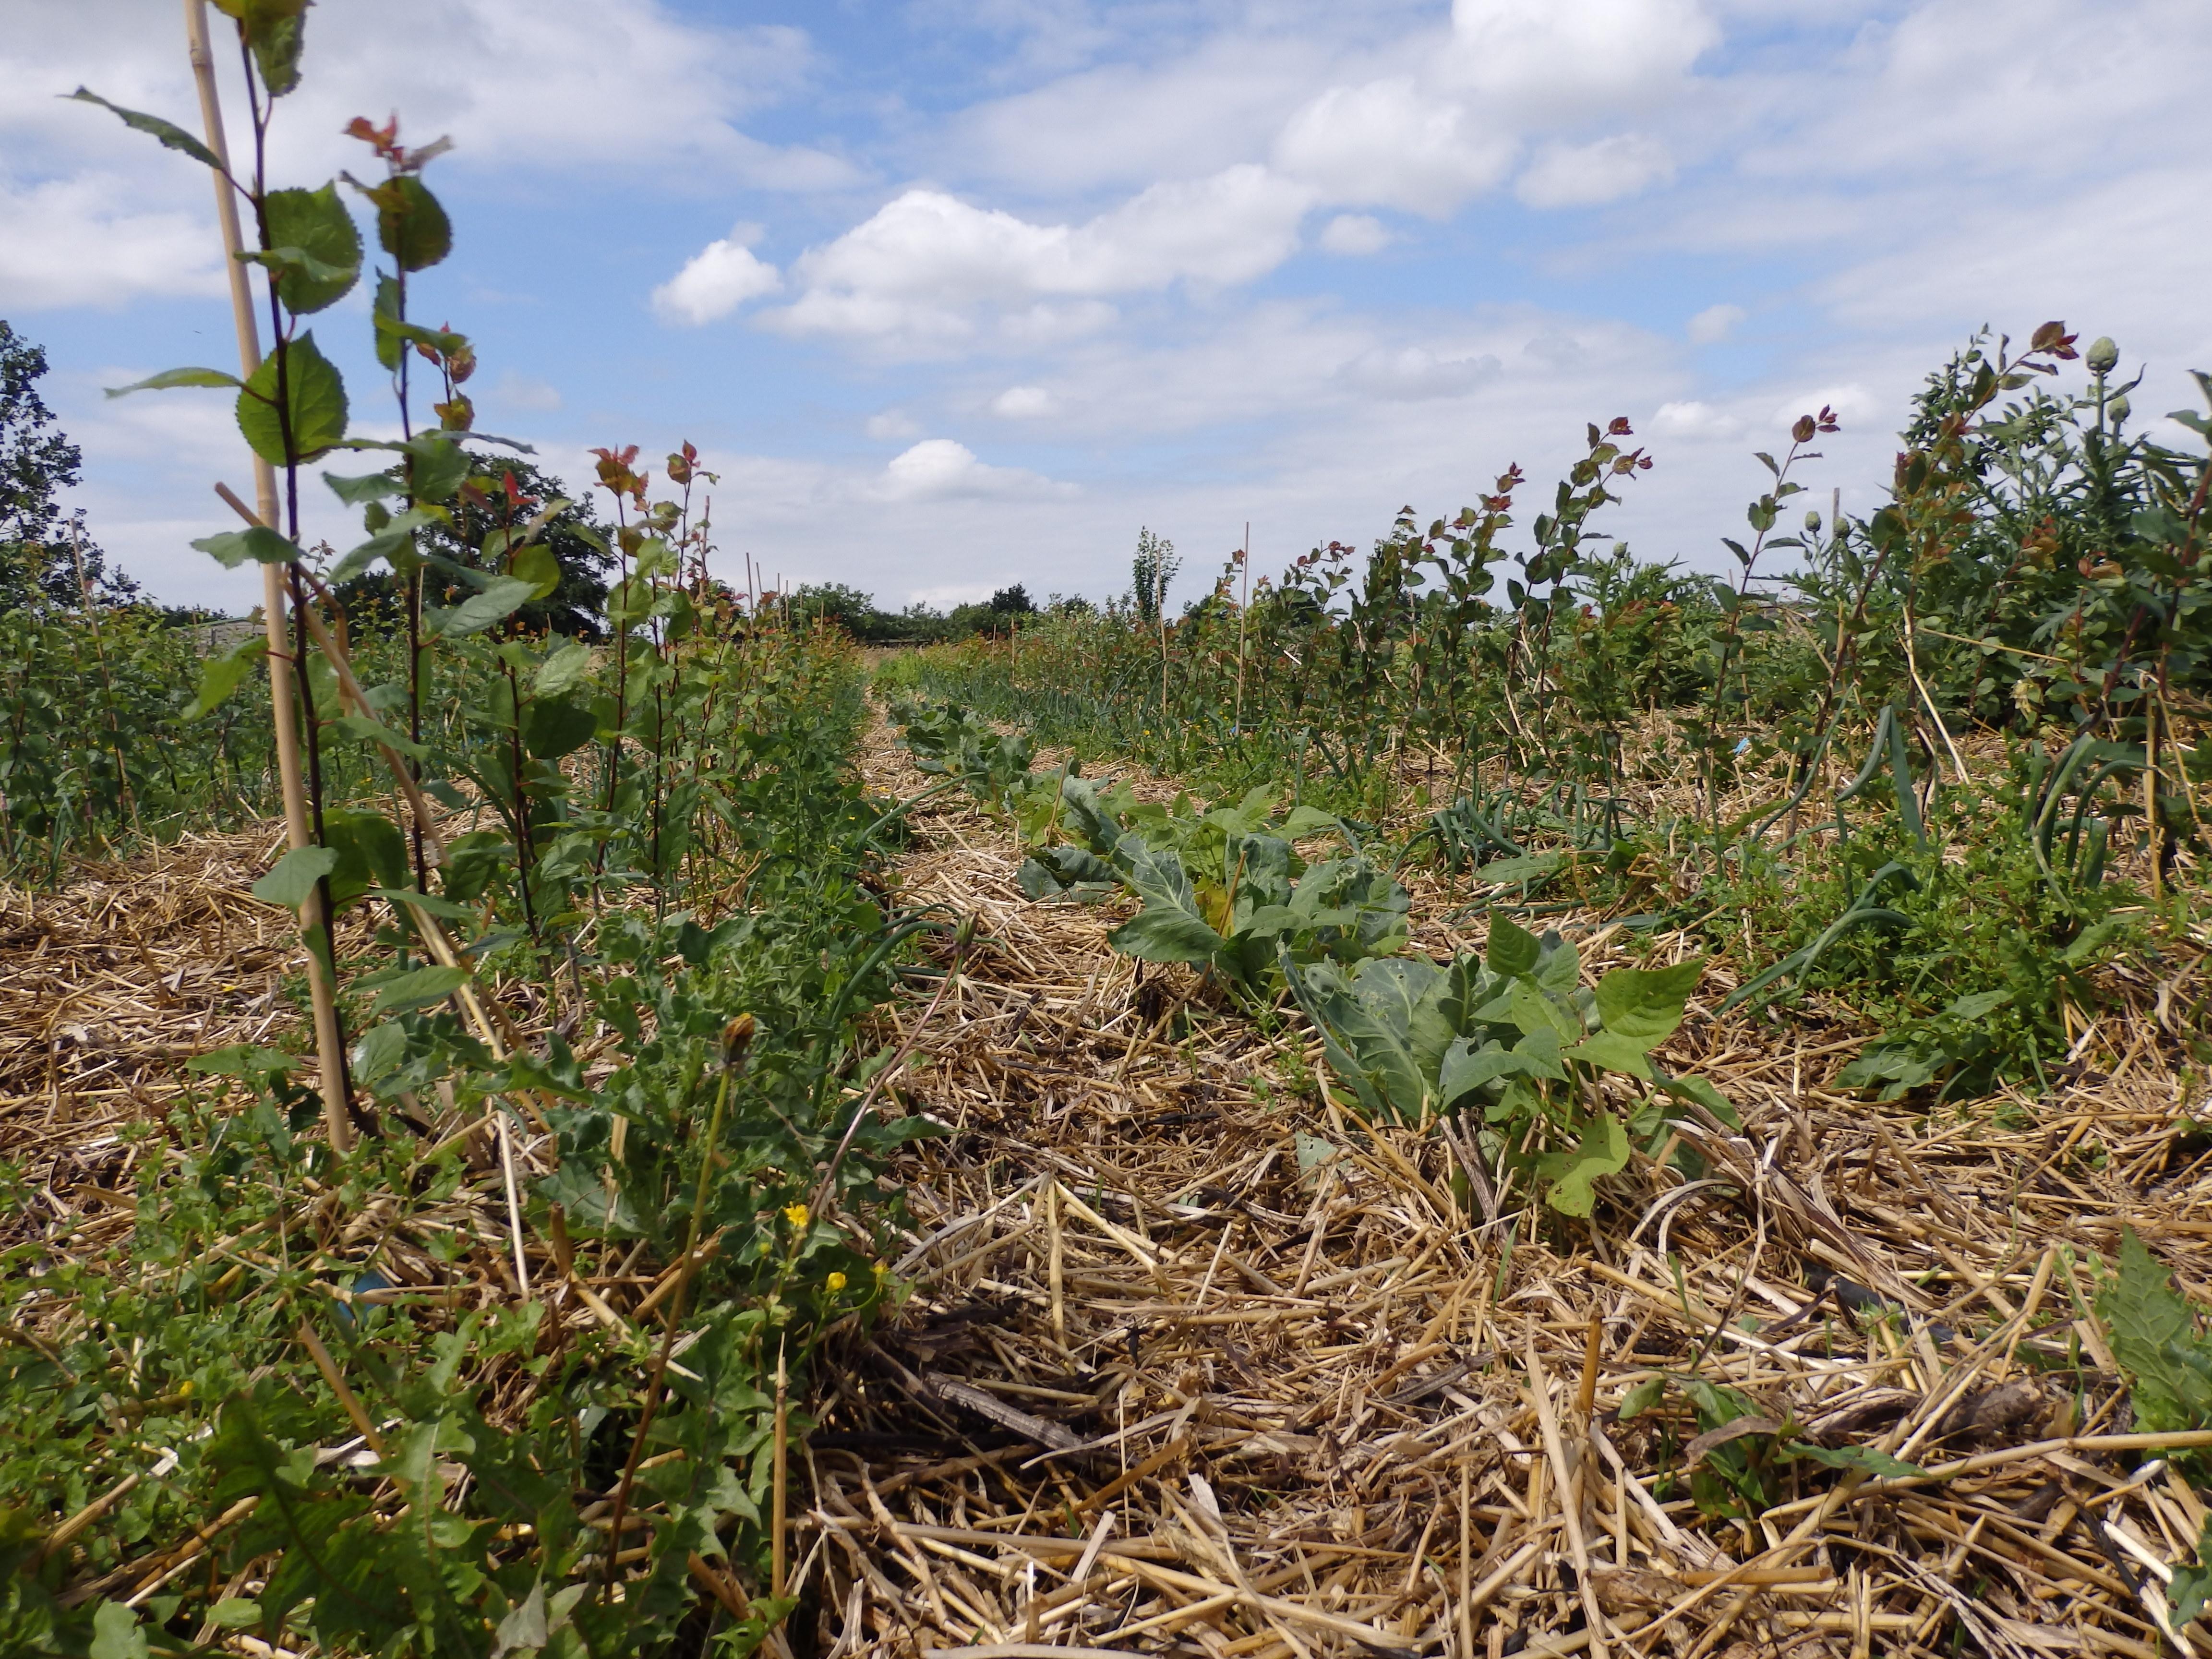 Scions de prunier, haricots et choux